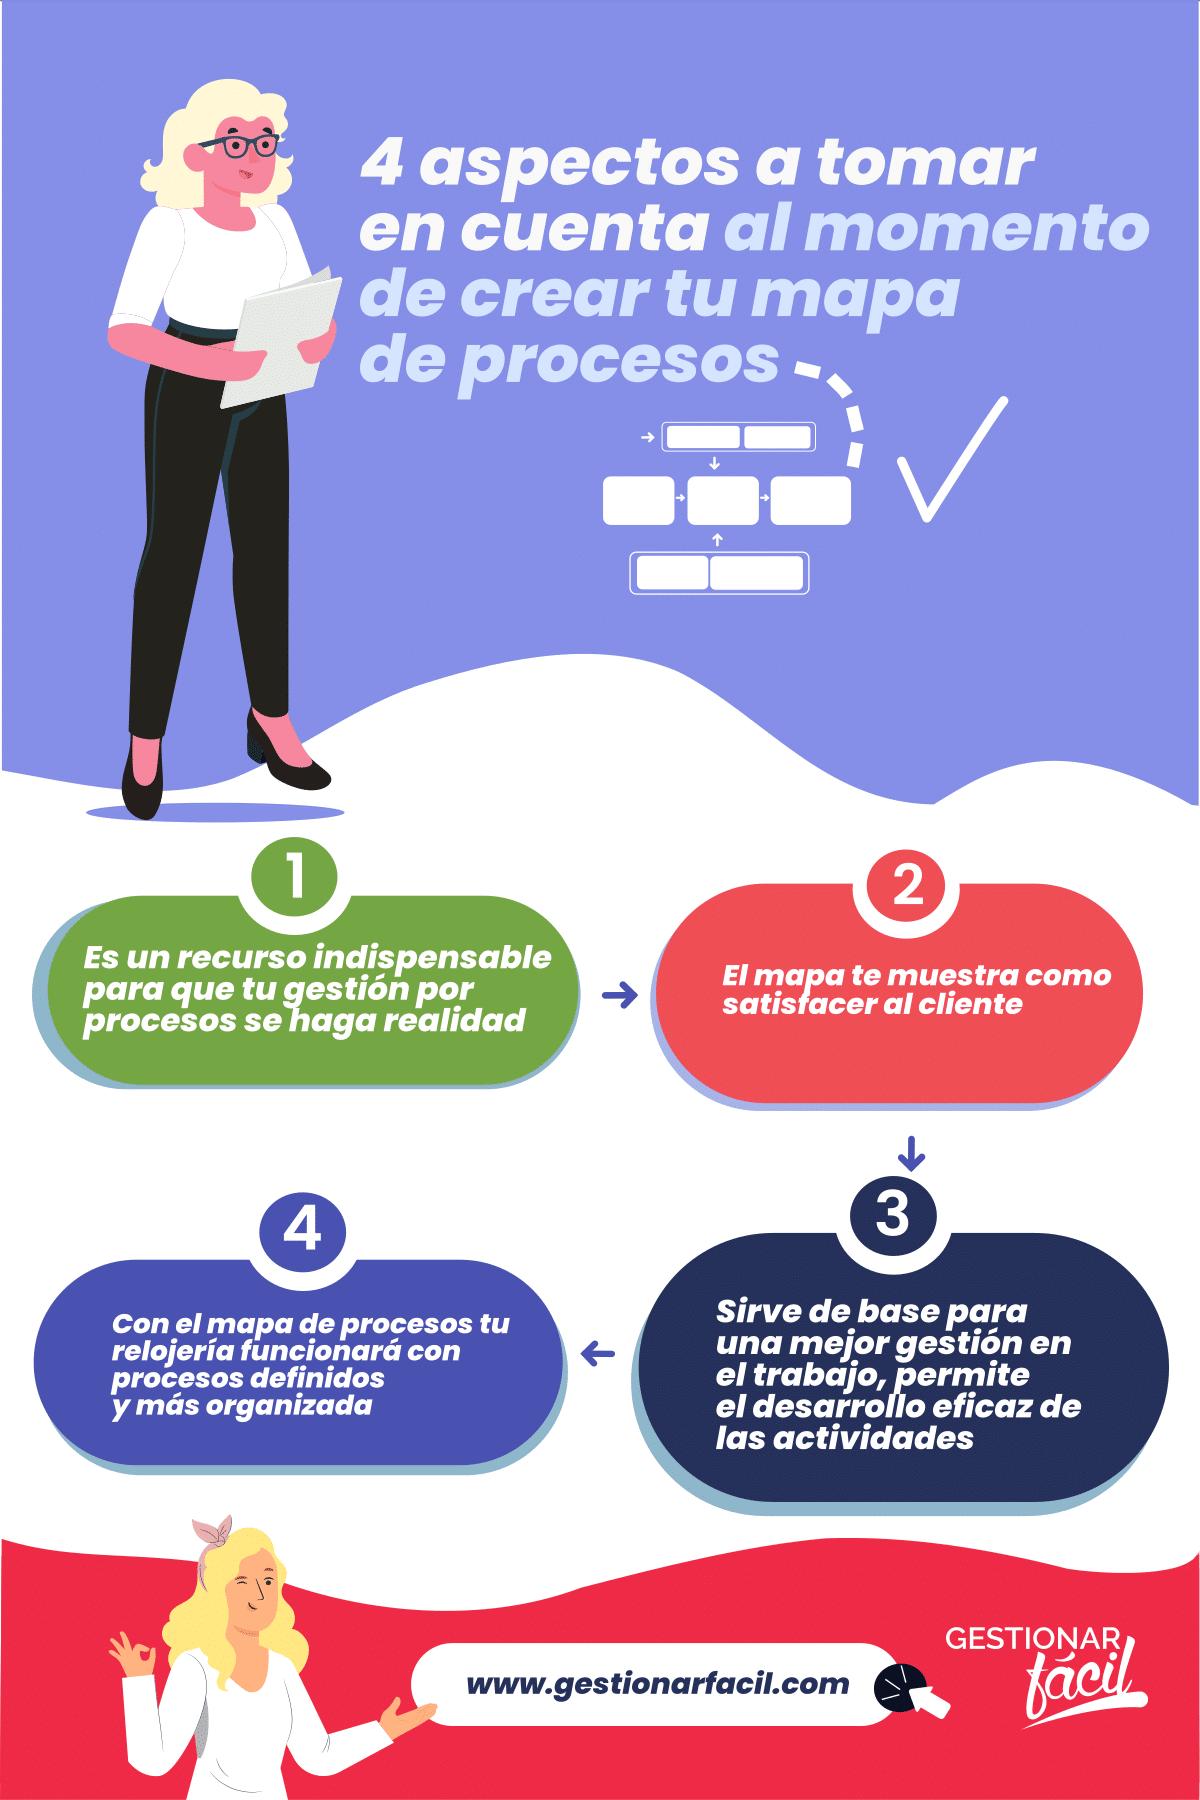 4 aspectos a tomar en cuenta al momento de crear tu mapa de procesos